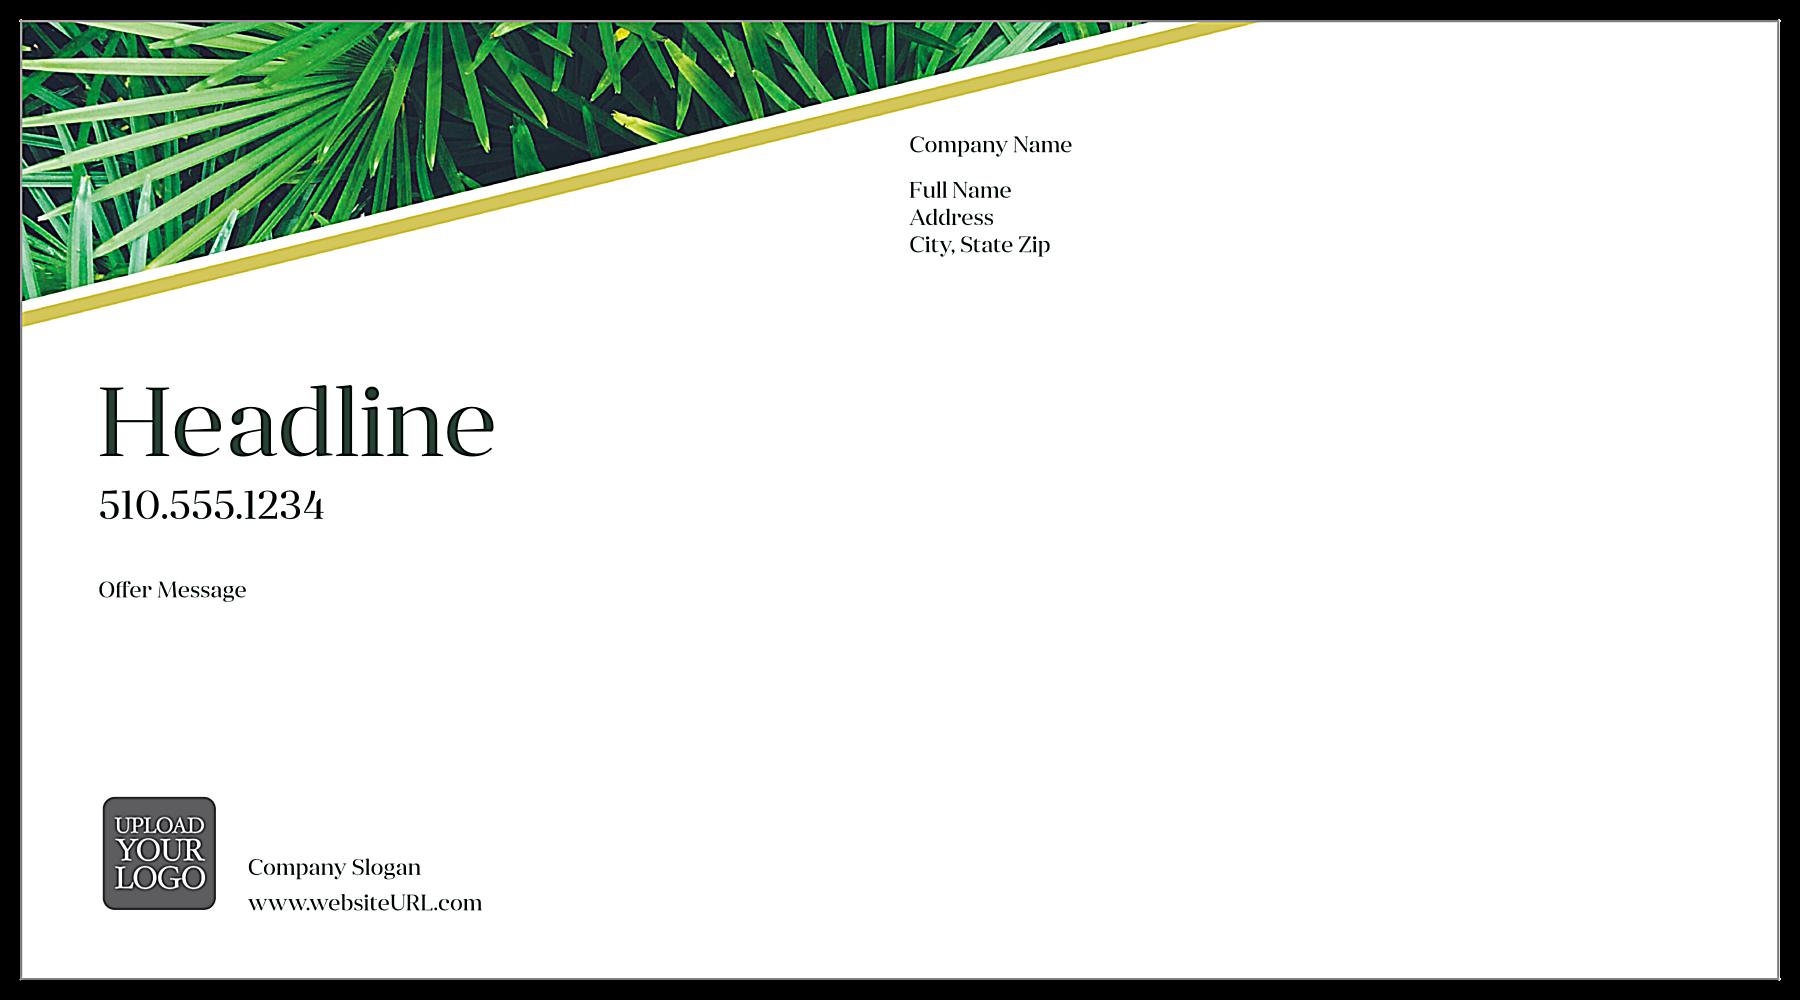 Palm Leaves back - Postcards Maker